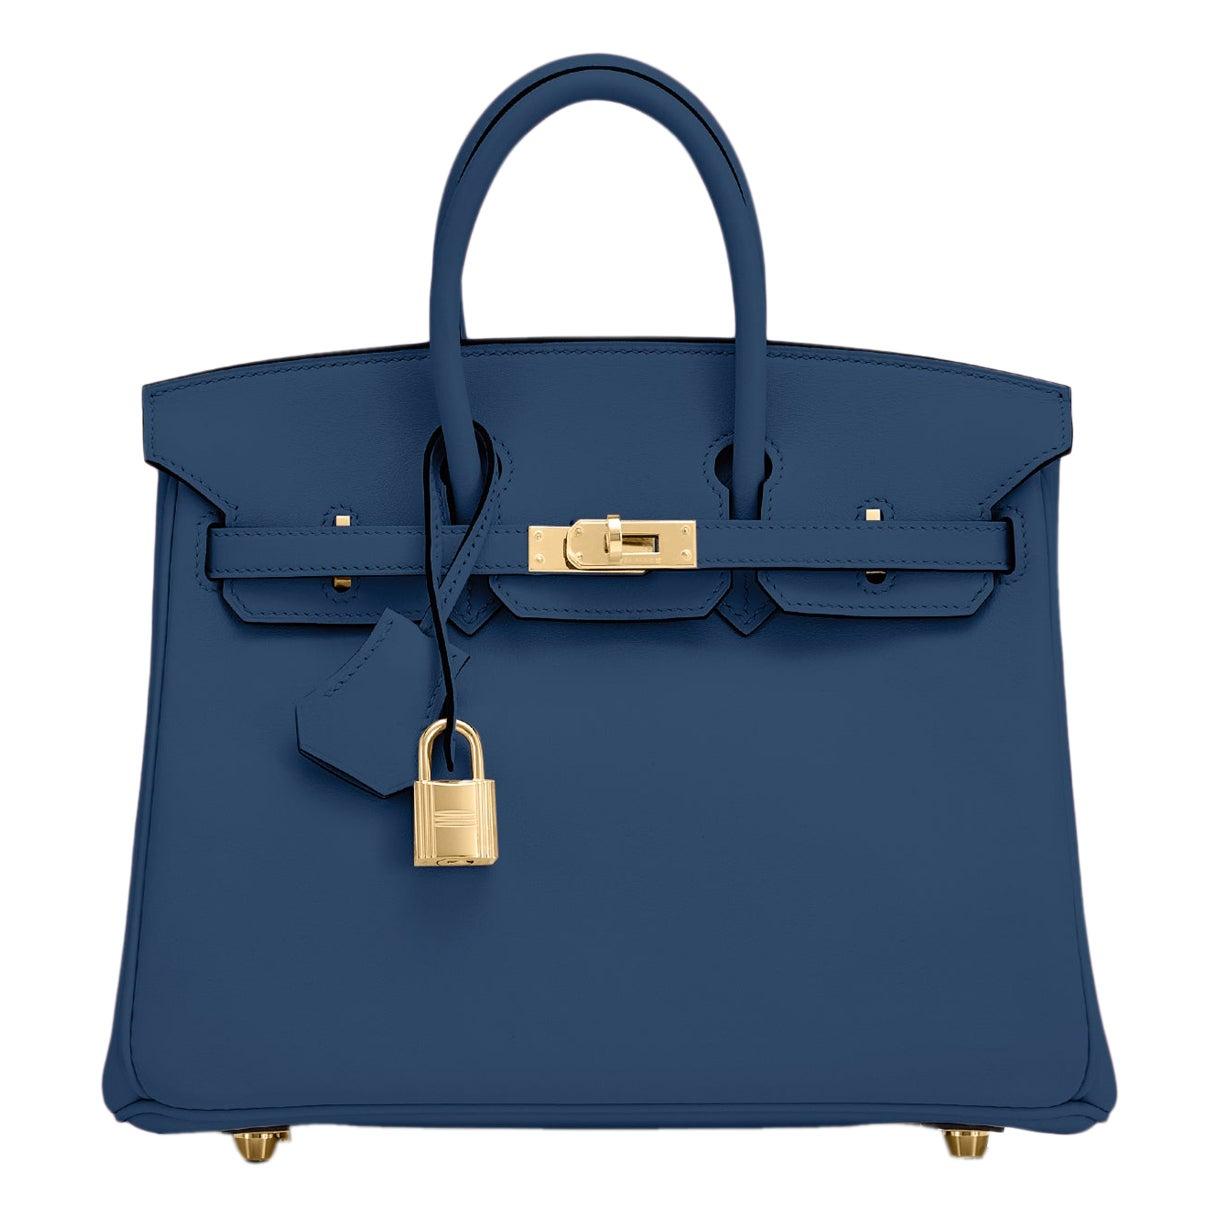 Hermes Birkin 25 Deep Blue Jewel Toned Navy Bag Gold Hardware Y Stamp, 2020